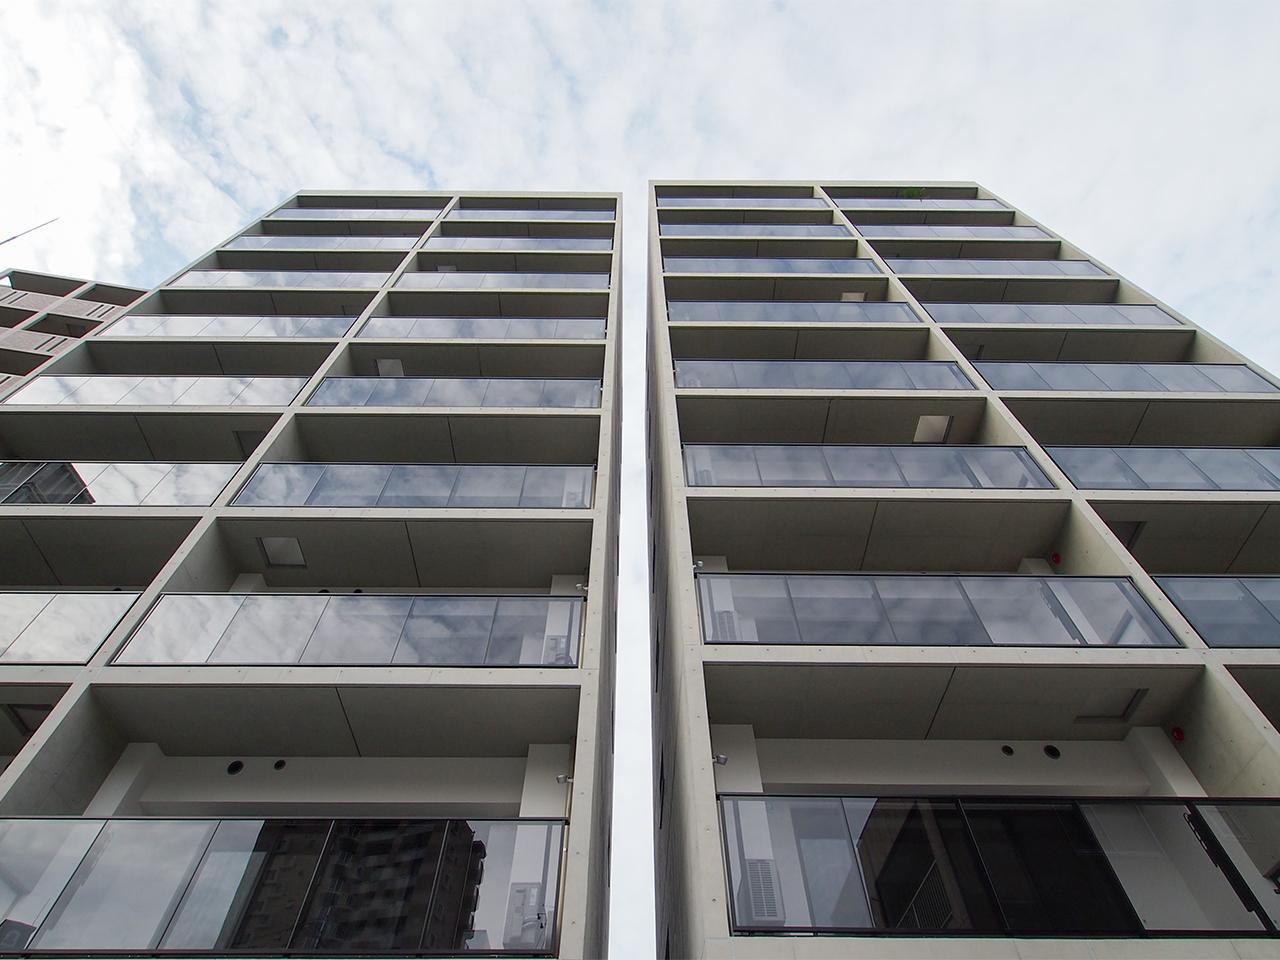 1フロア2住戸の建物が、双子のように並んでいます